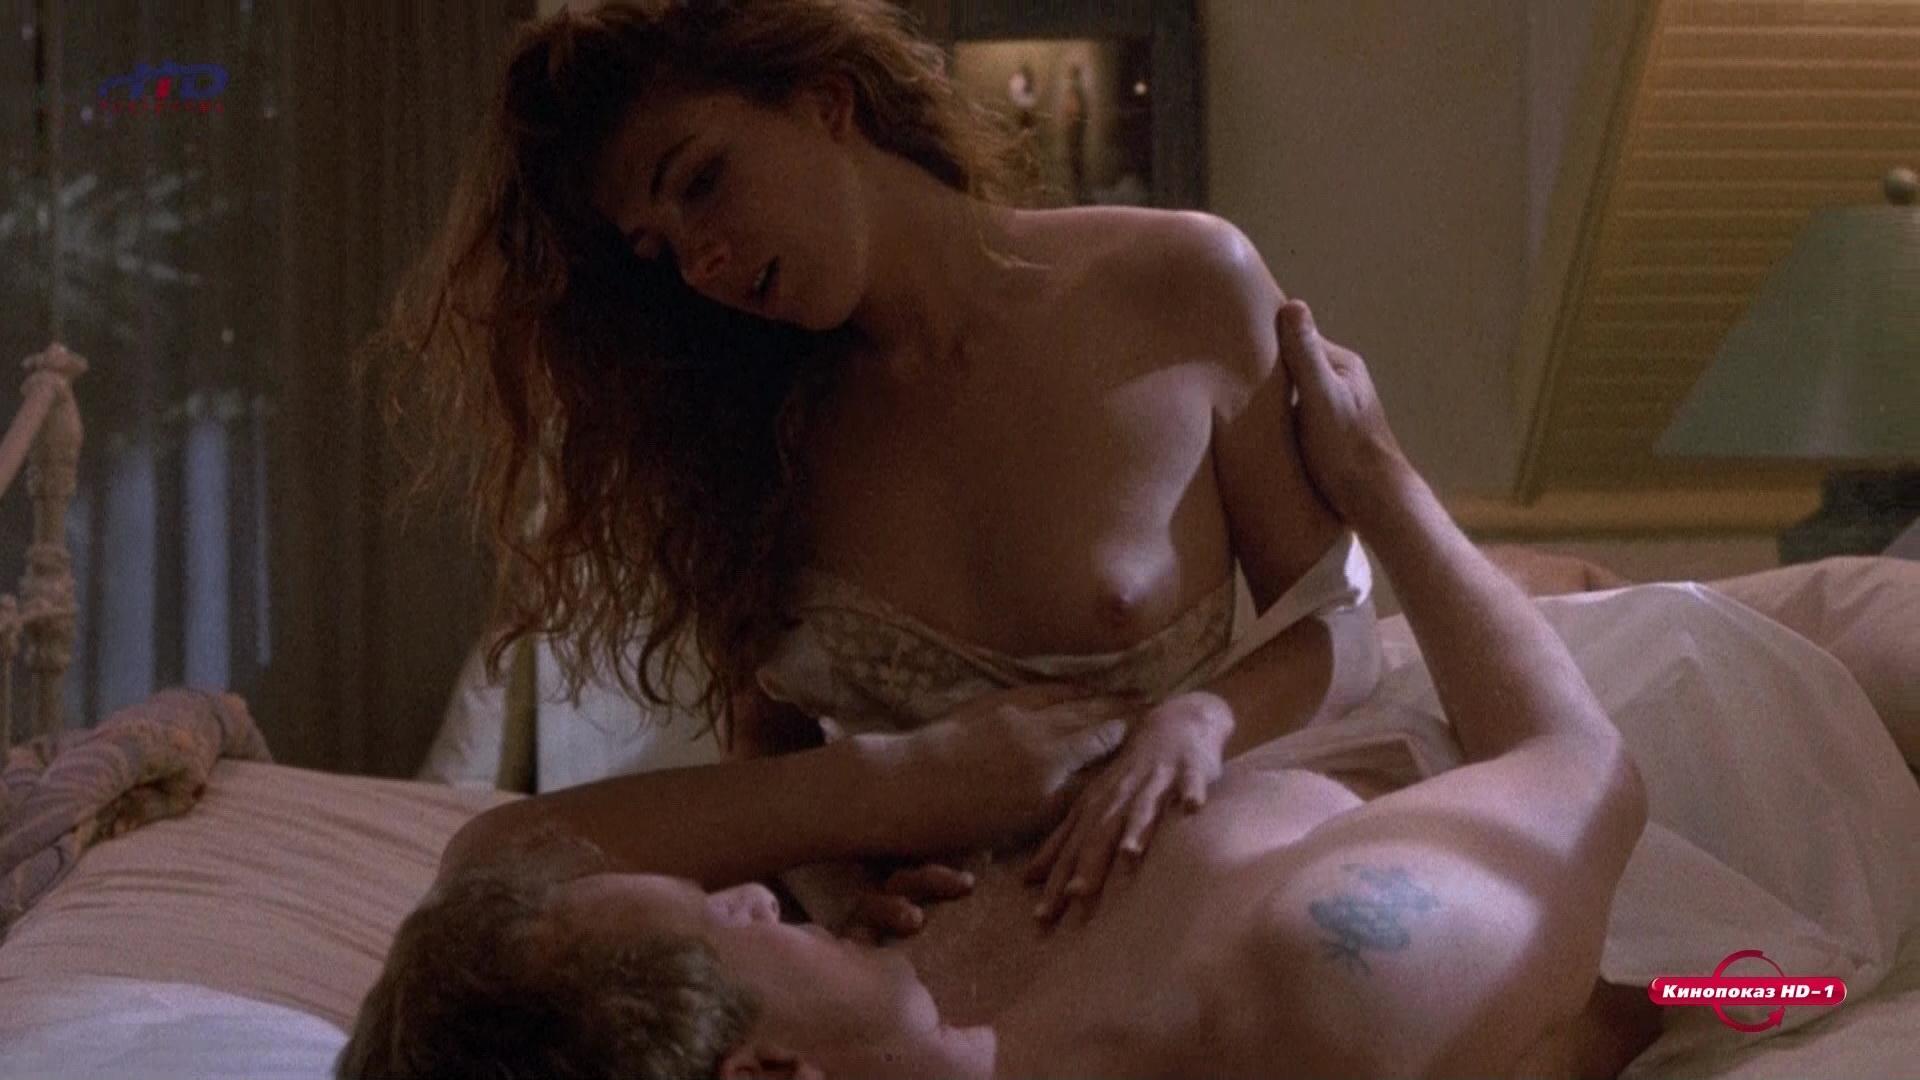 Nude sandra redlaff Are you